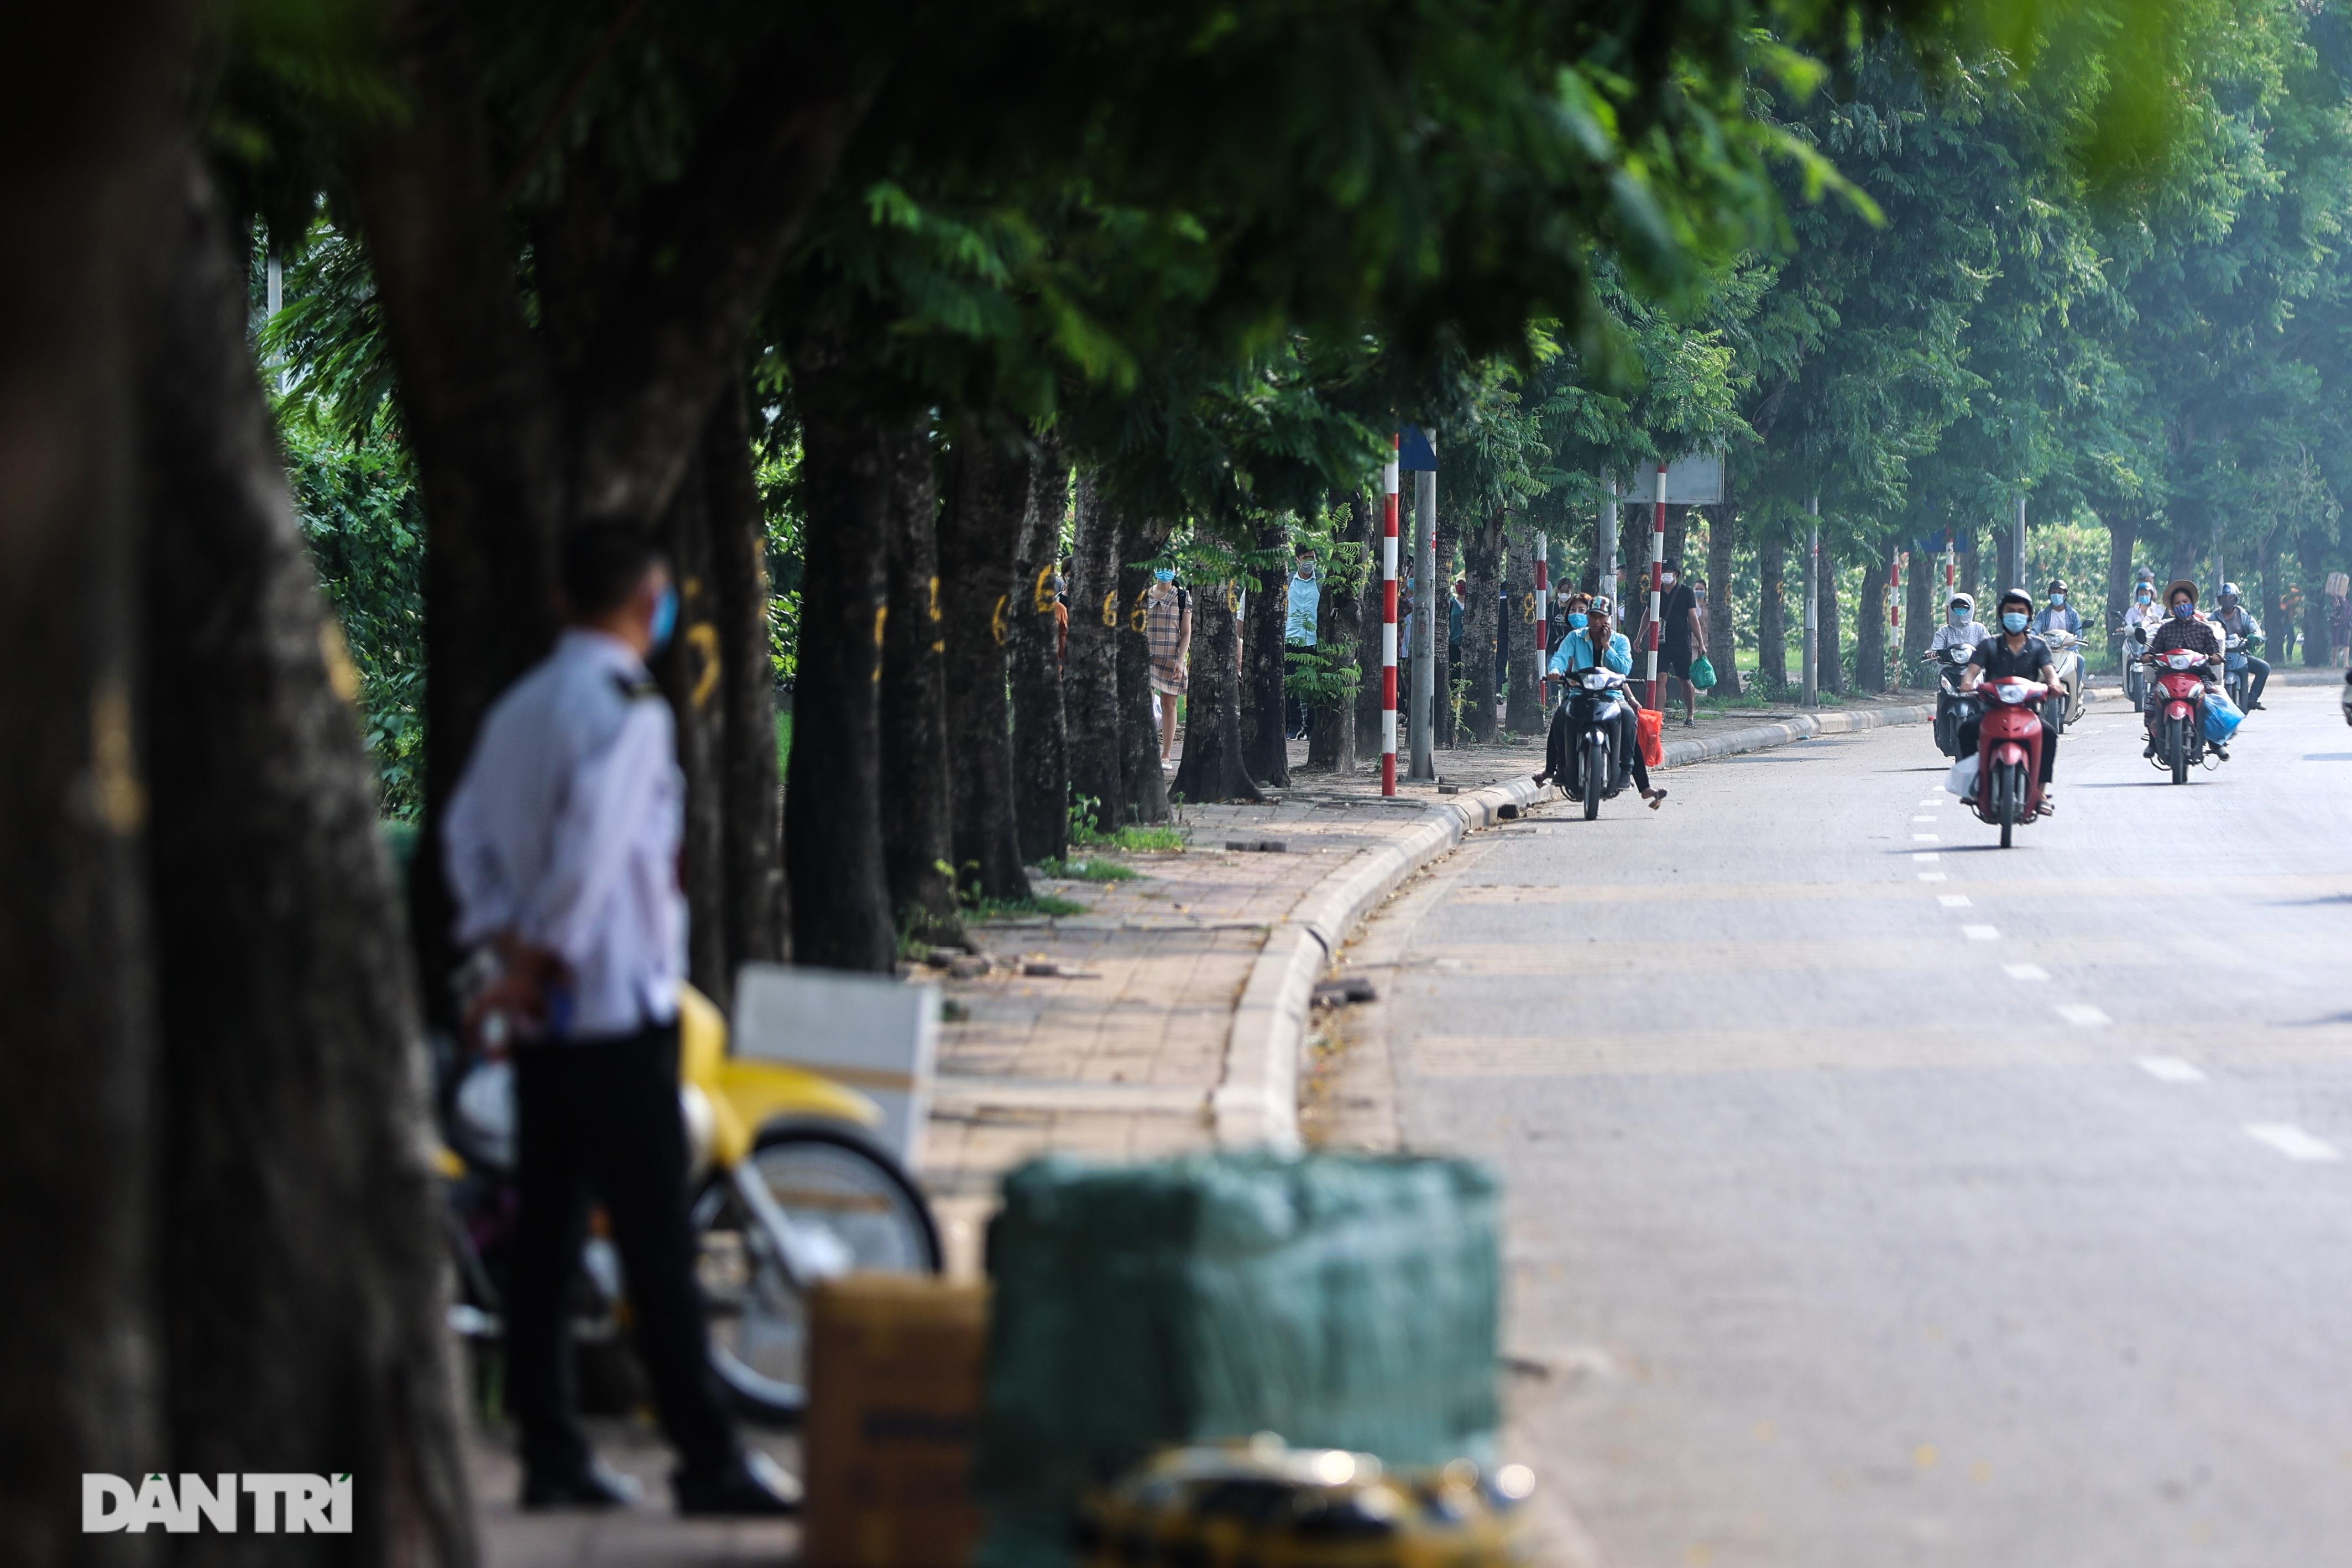 Hà Nội: Chim mồi bám CSGT và cú điện thoại mật báo tới nhà xe - 14